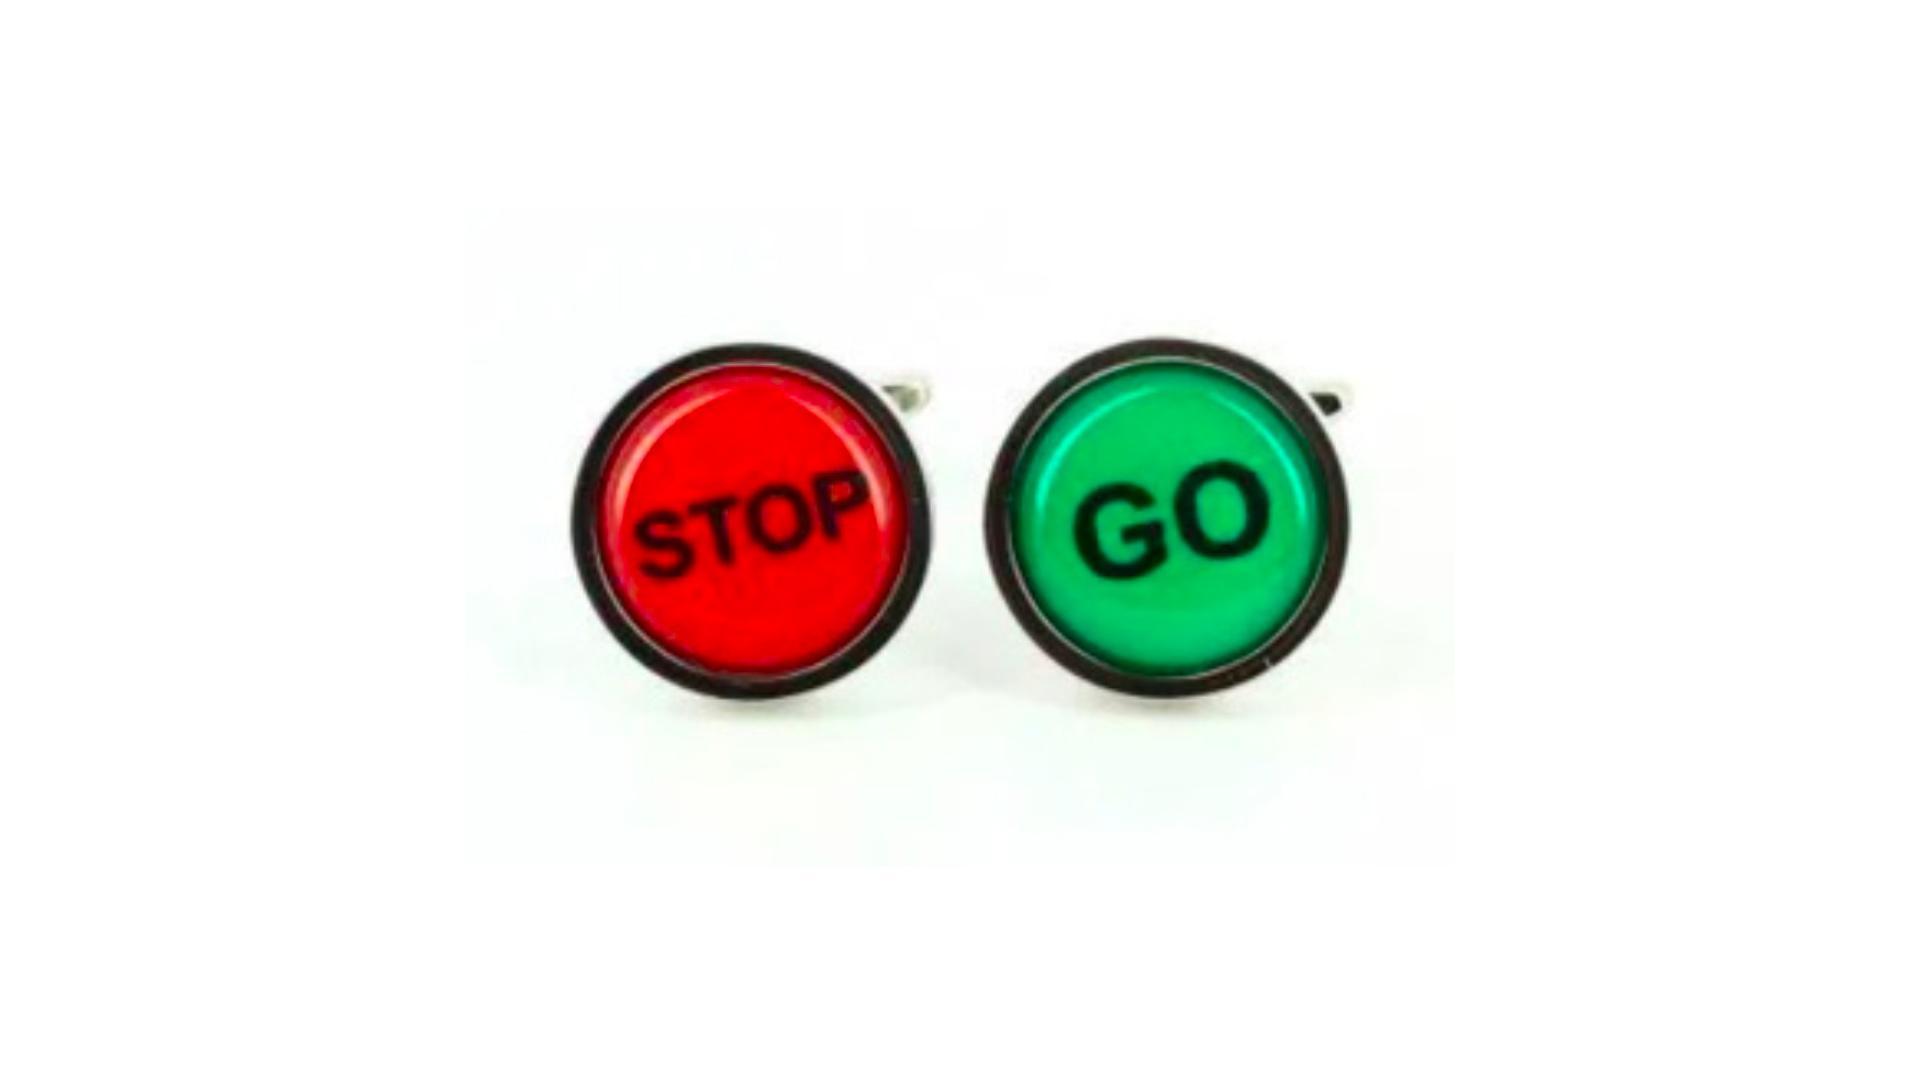 3 février 2021 – Stop & go et autres options: un dilemme politique et sanitaire – Telos.eu